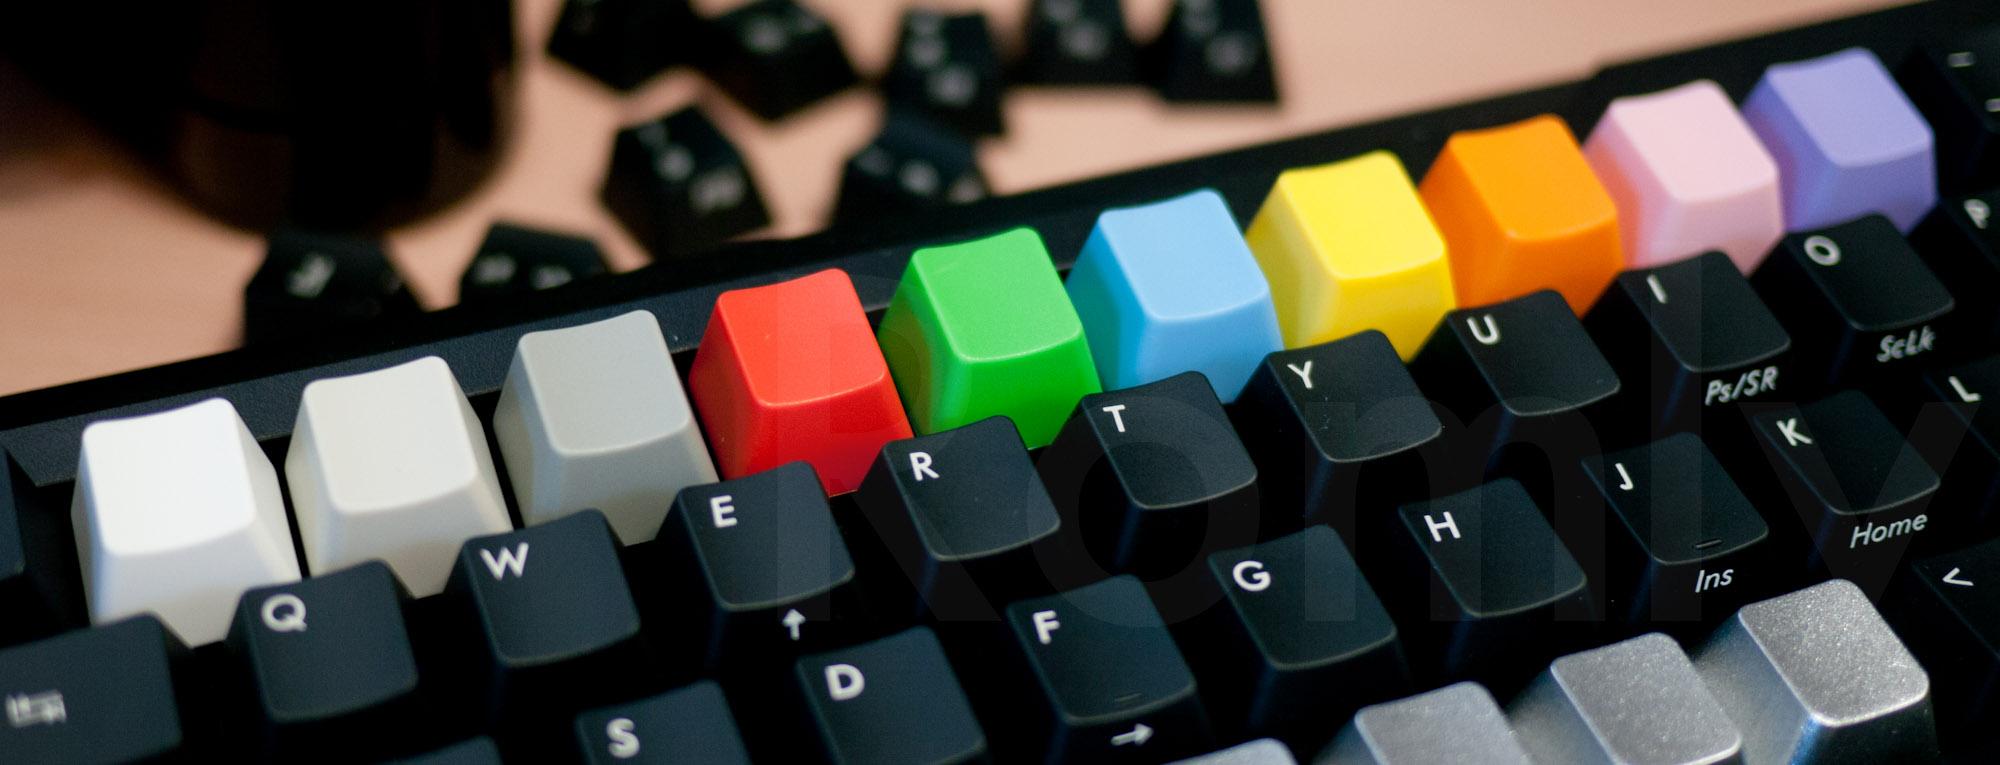 WASD Keyboards